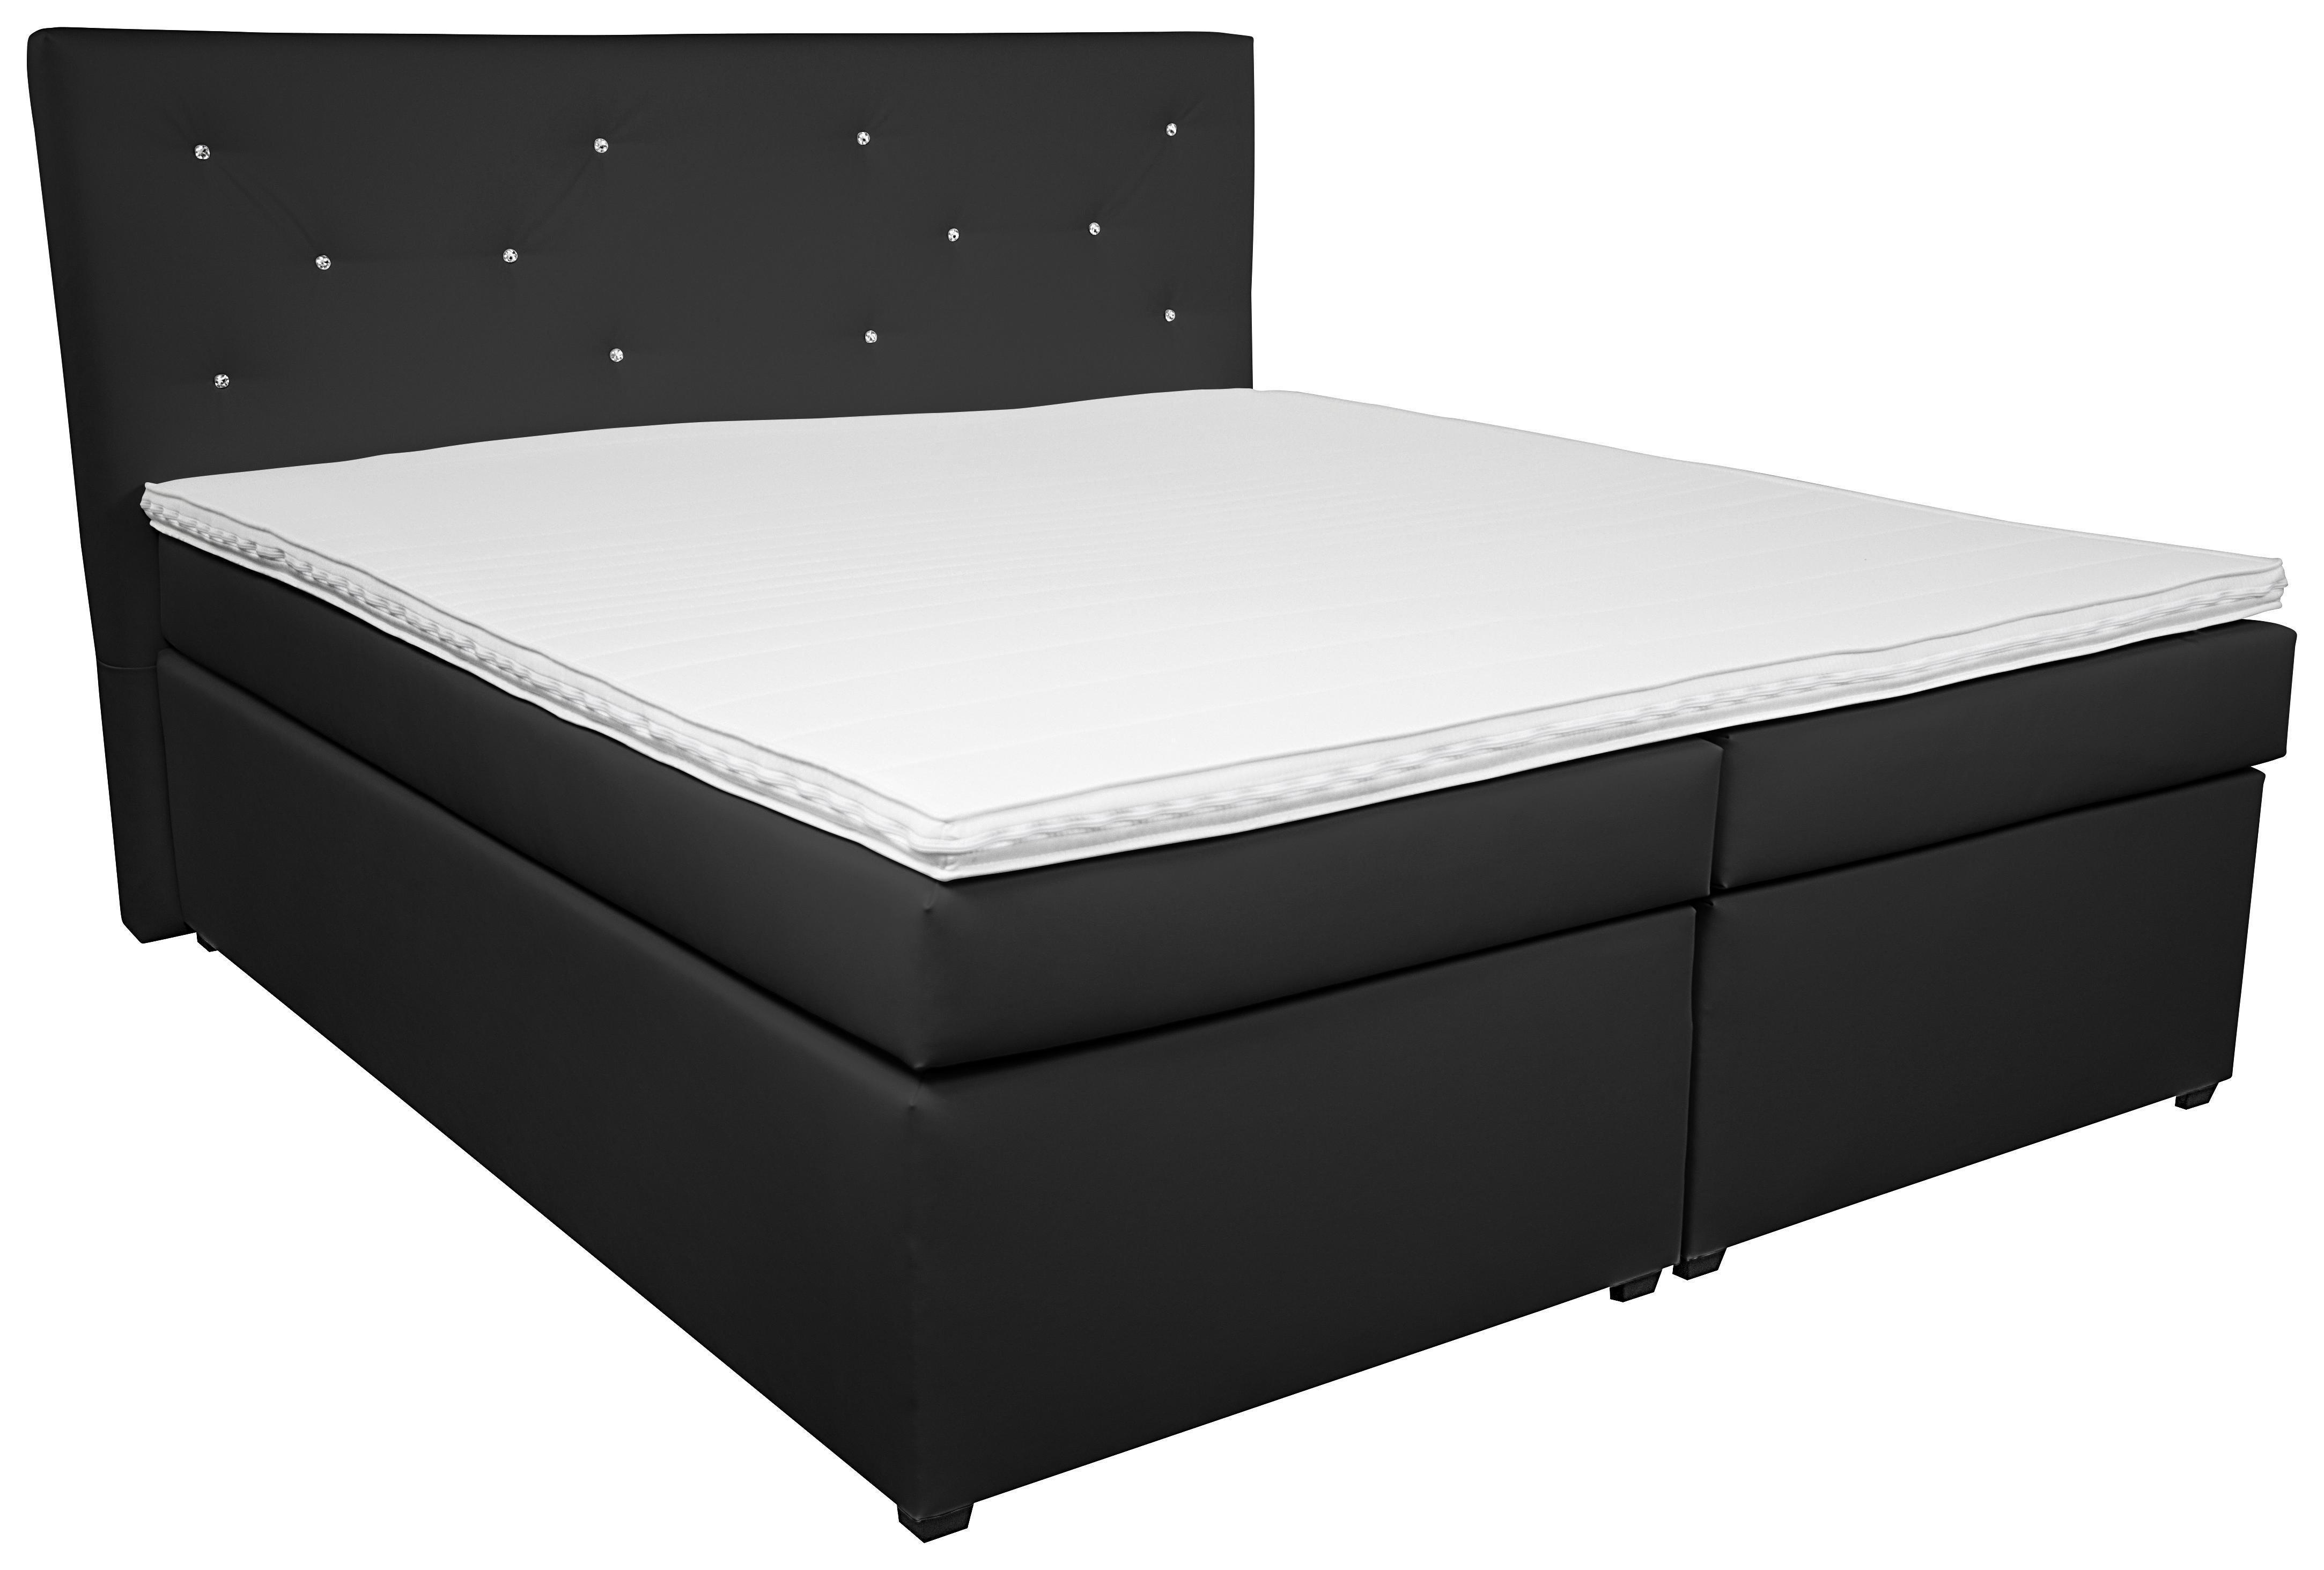 schlaraffia geltex topper test. Black Bedroom Furniture Sets. Home Design Ideas